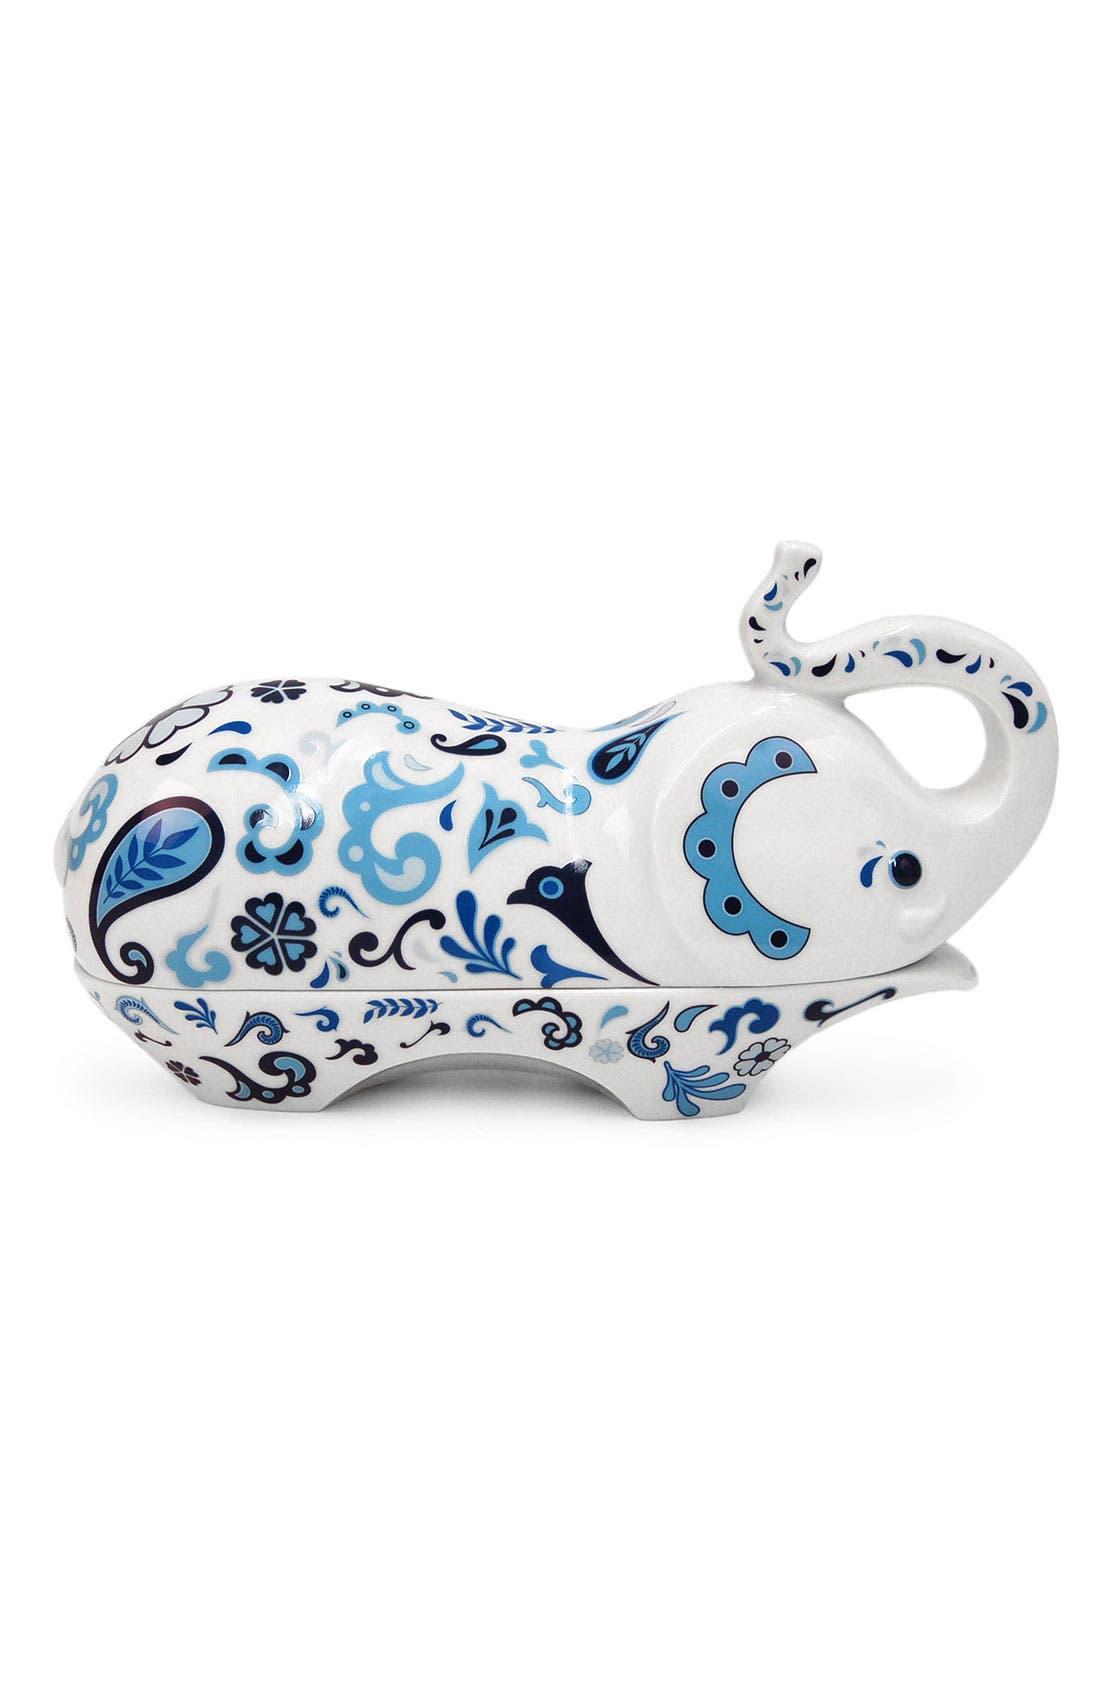 Main Image - Jonathan Adler 'Elephant' Porcelain Butter Dish